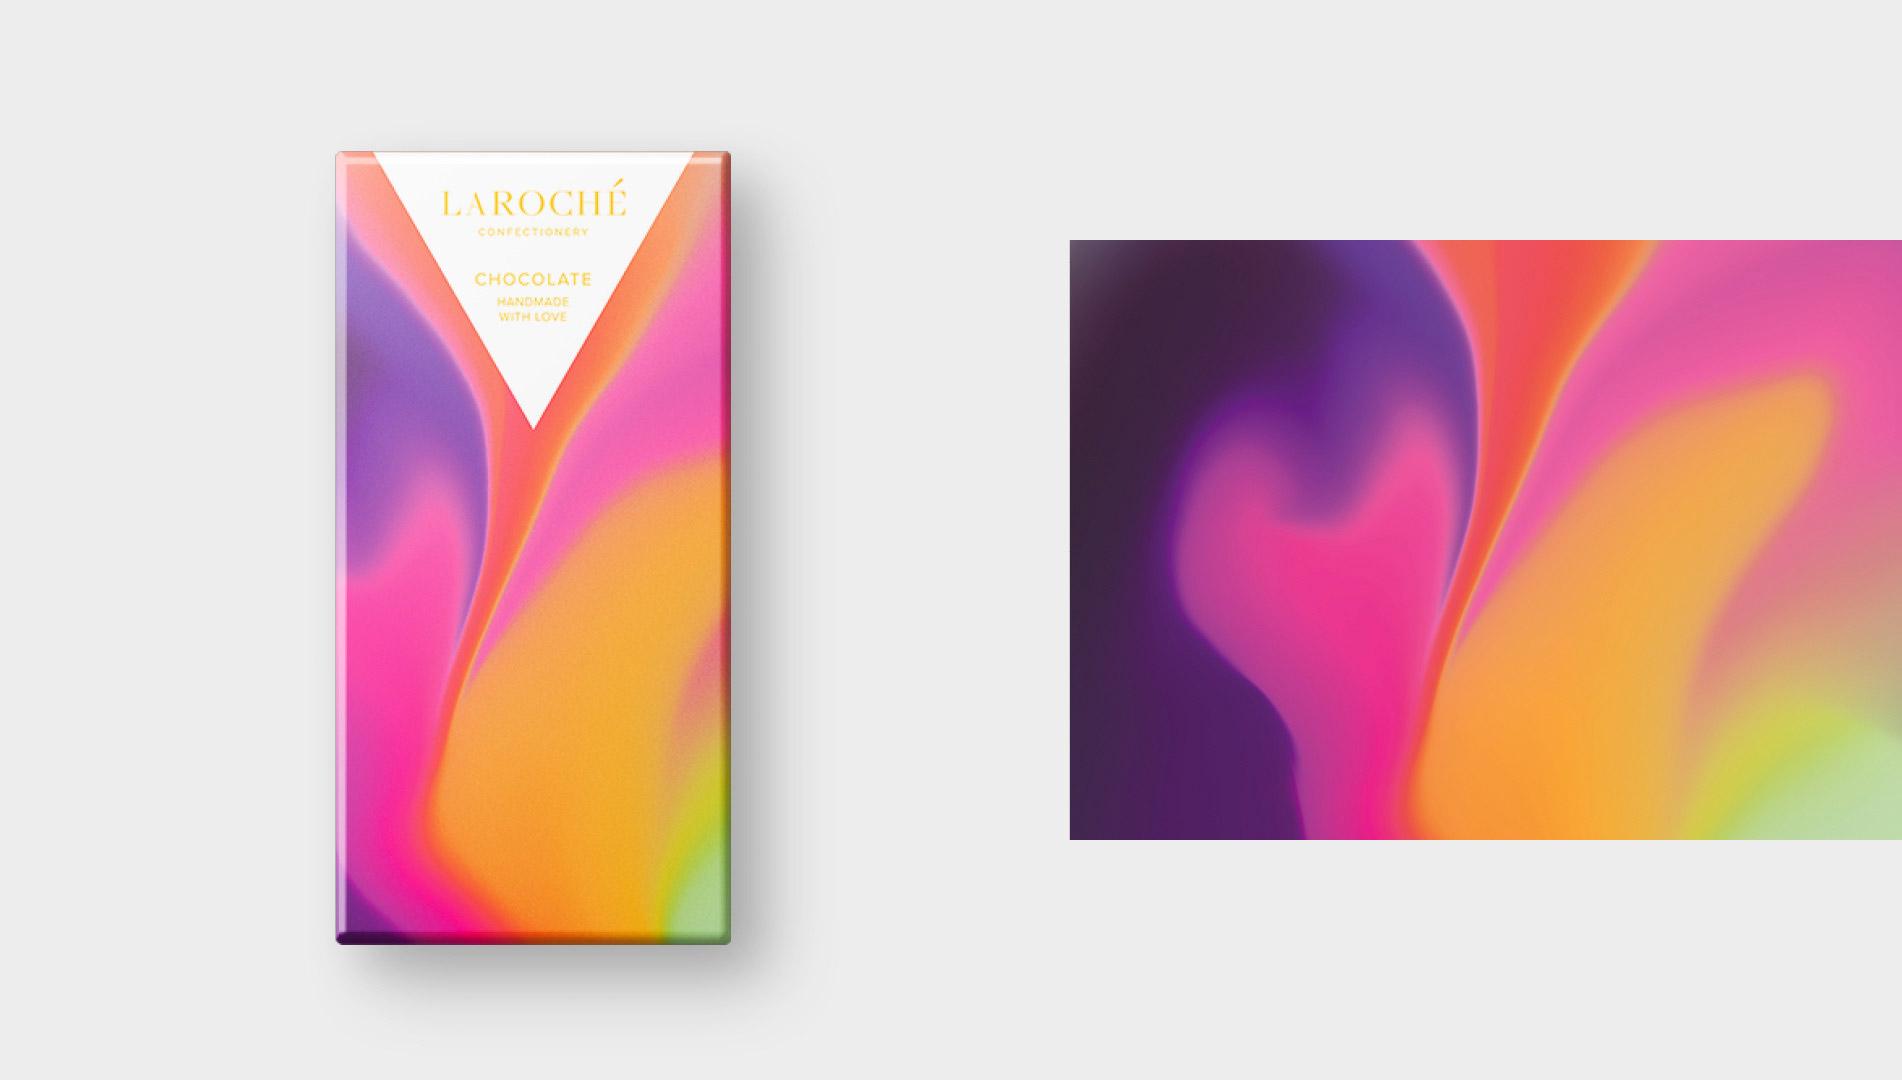 色彩纹理!Laroché充满活力的巧克力包装